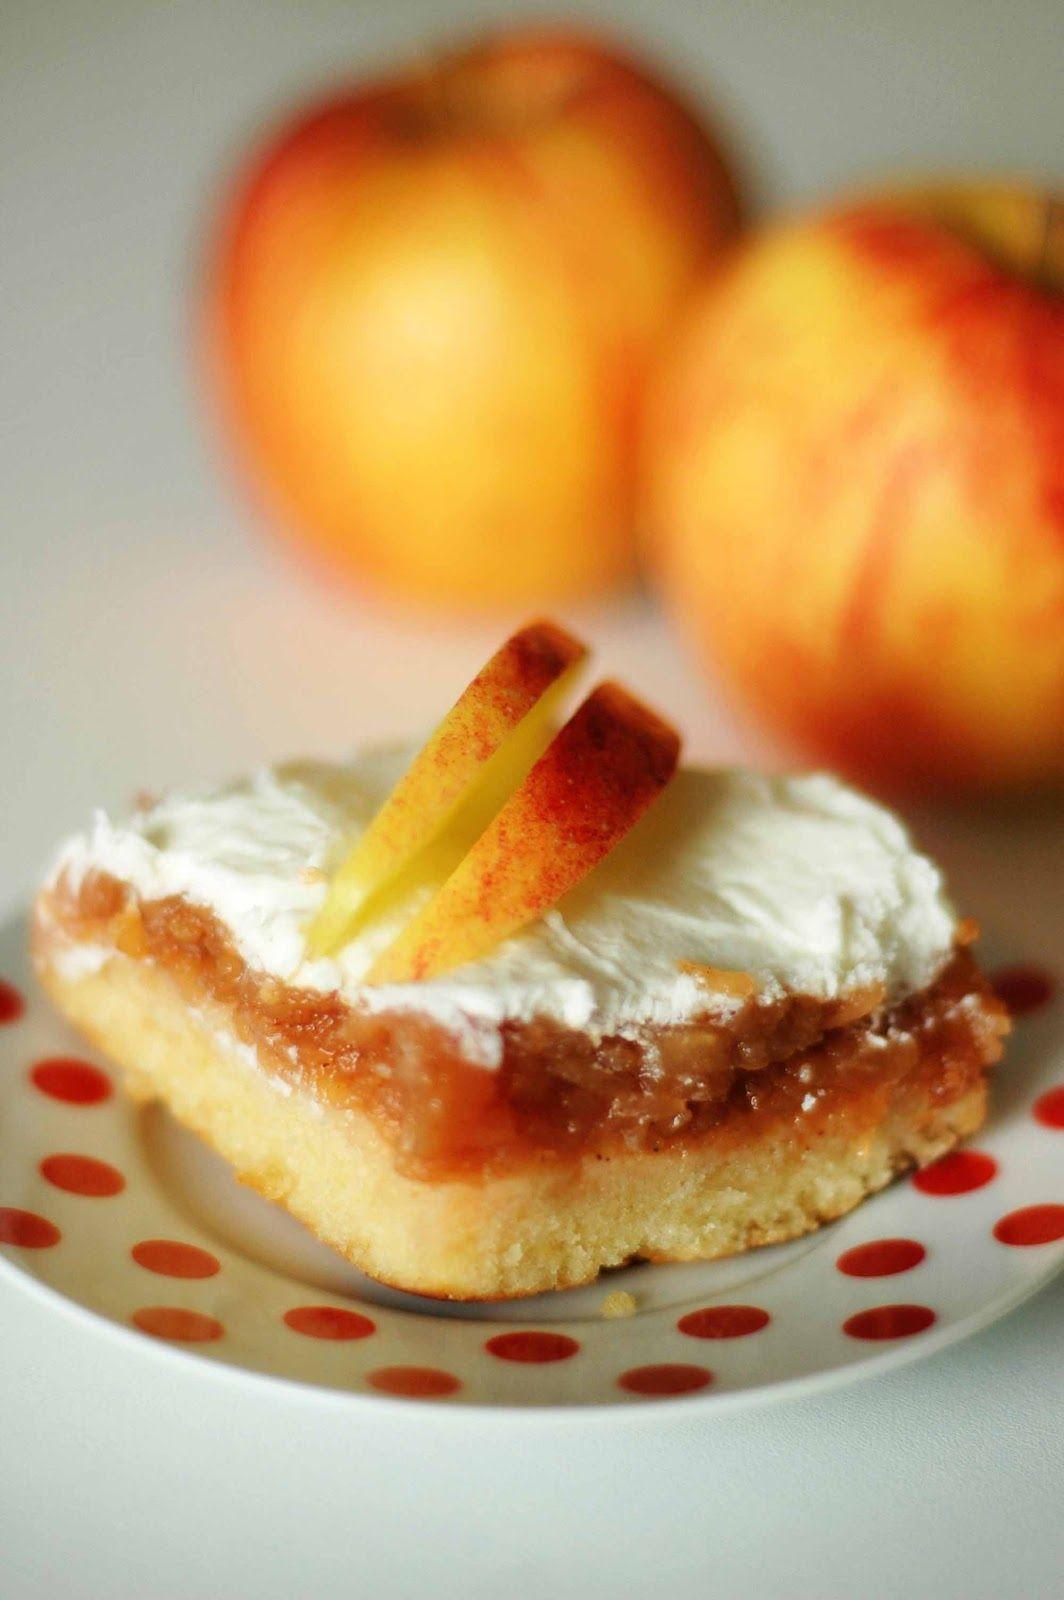 *Obrátený jablkový*  Jablkové koláče vždy voňajú ako domov...          Jablká ošúpeme, nastrúhame, zmiešame so škoricou a dáme rovnomerne na plech vystlaný papierom na pečenie. Z ostatných ingrediencií vymiešame cesto, nalejeme ho na jablká a dáme piecť do predhriatej rúry pri 180°C asi na 30 minút (kým nie je vrch pekne upečený).